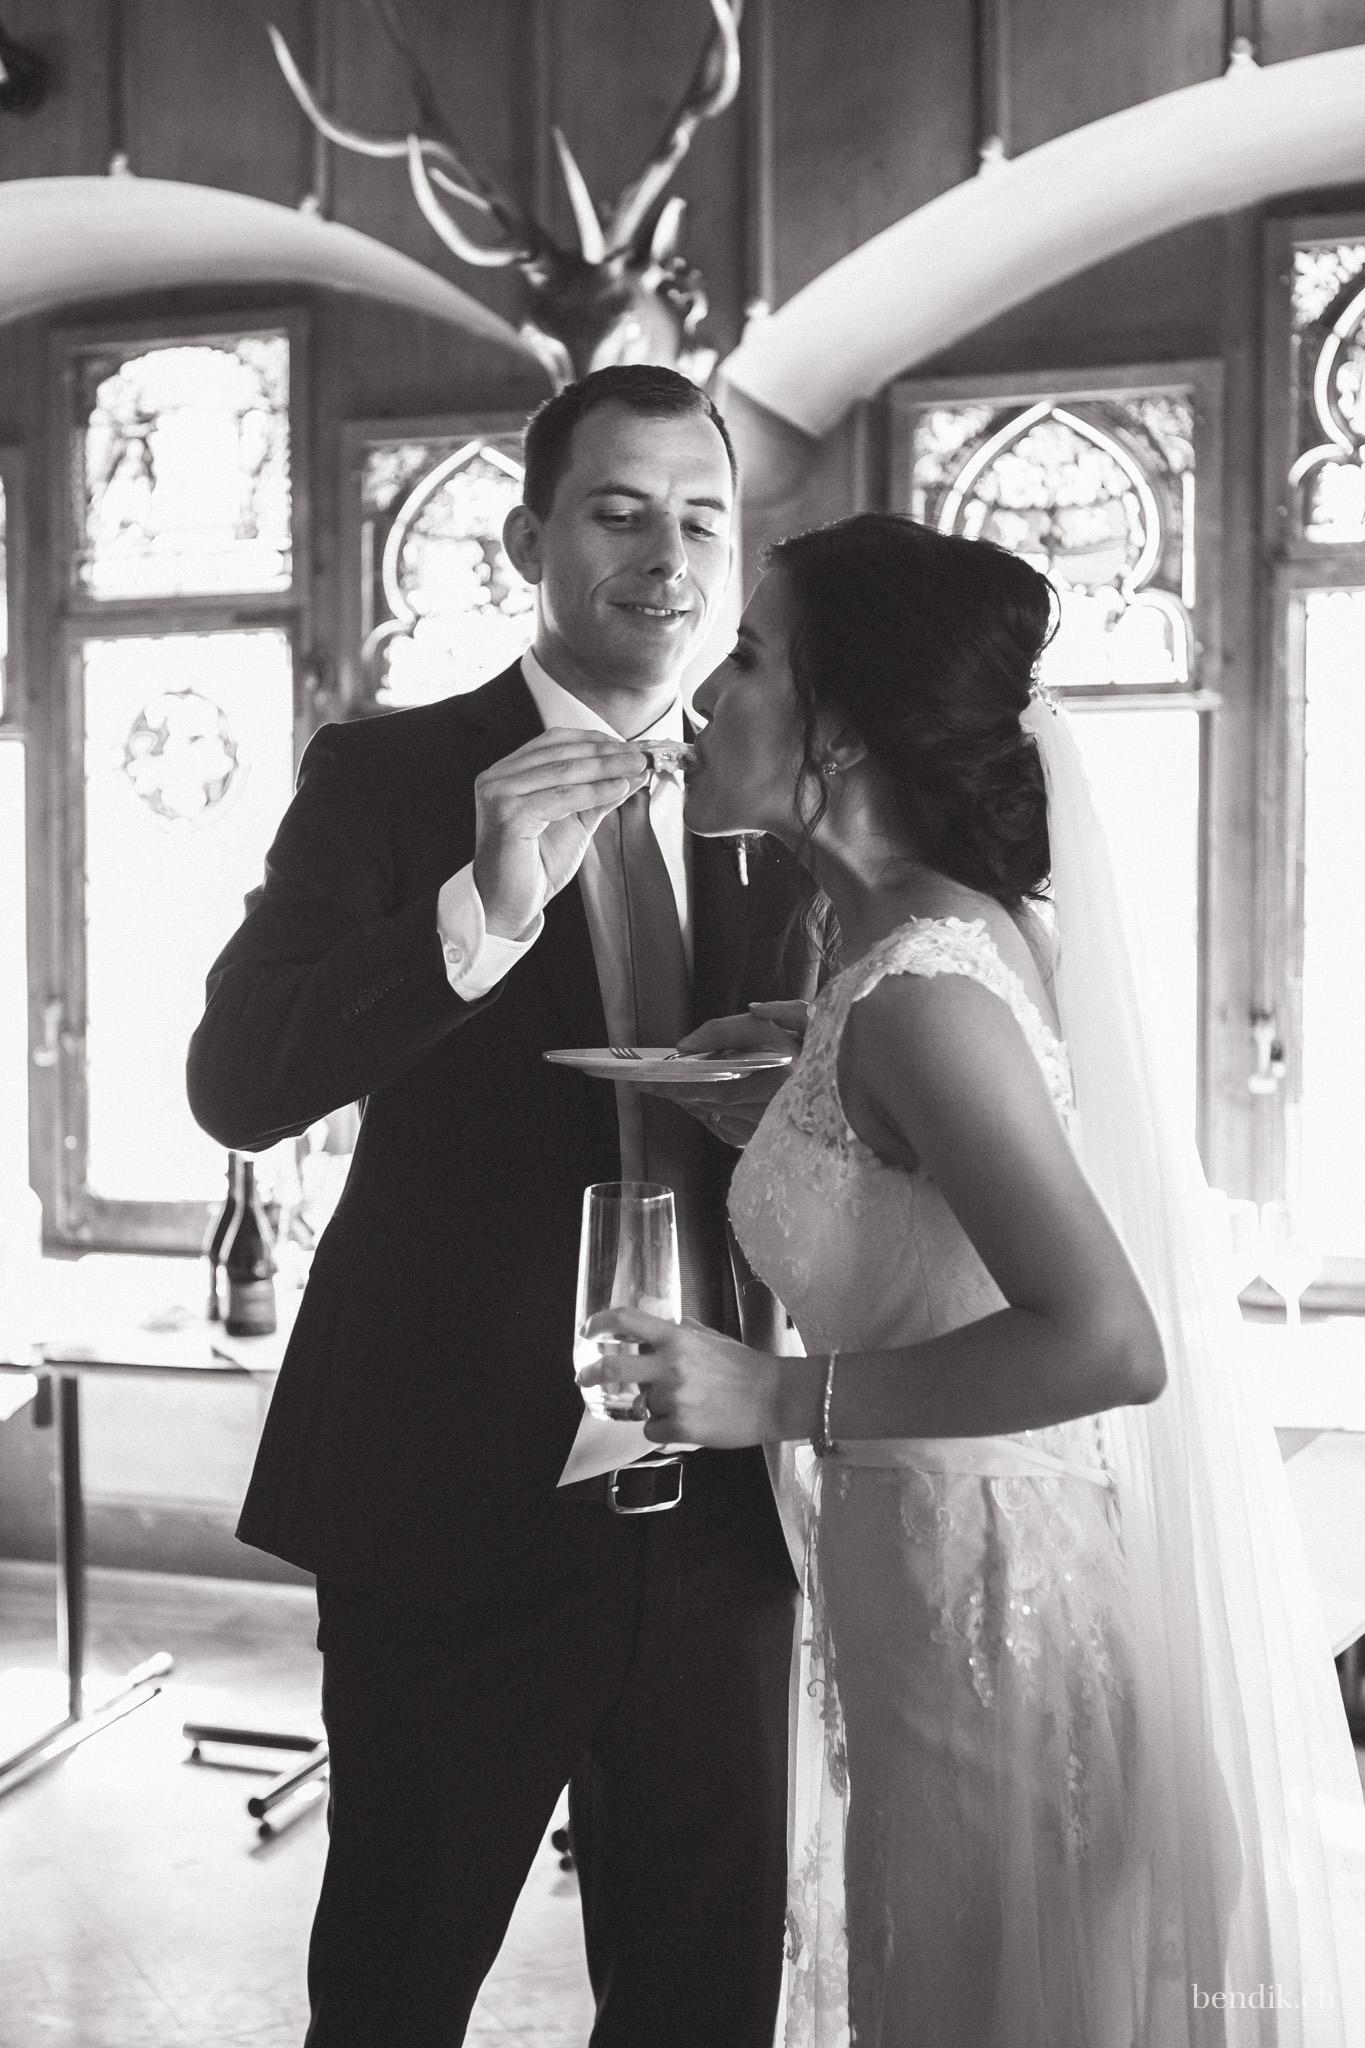 Bräutigam lässt Braut ein Stück Torte probieren